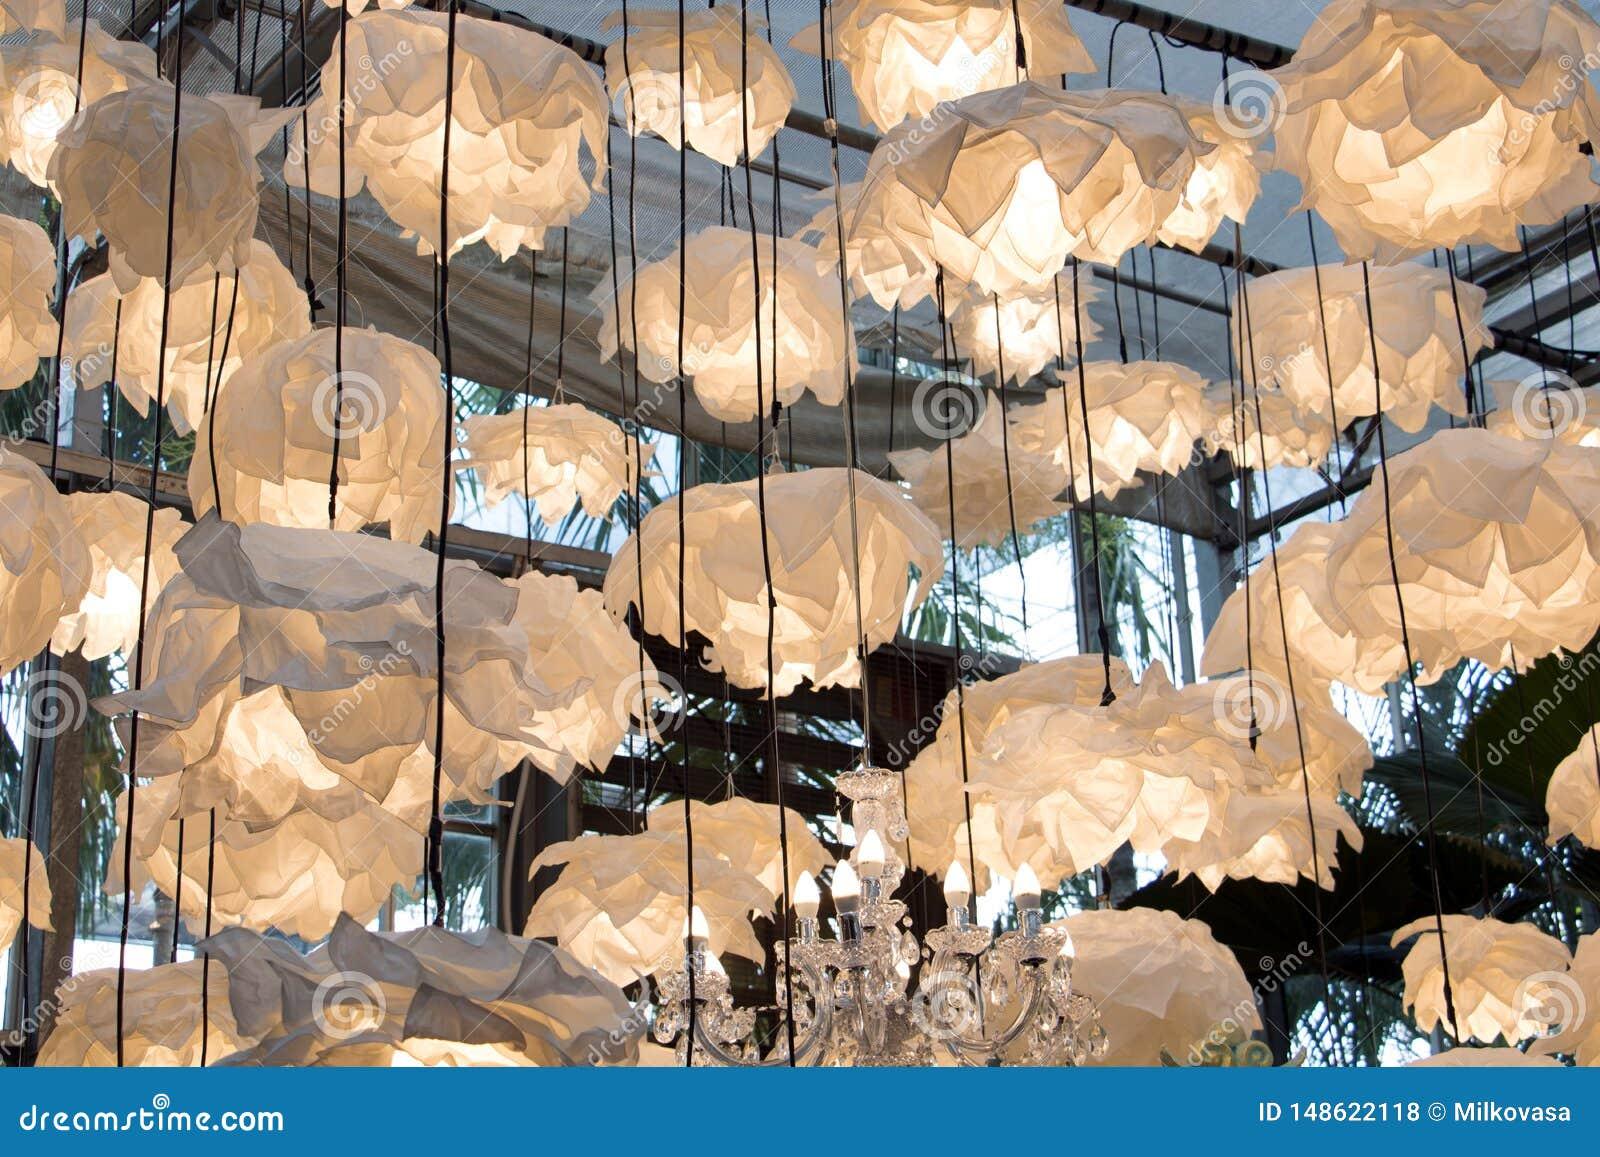 Många lampor hänger från taket i växthuset